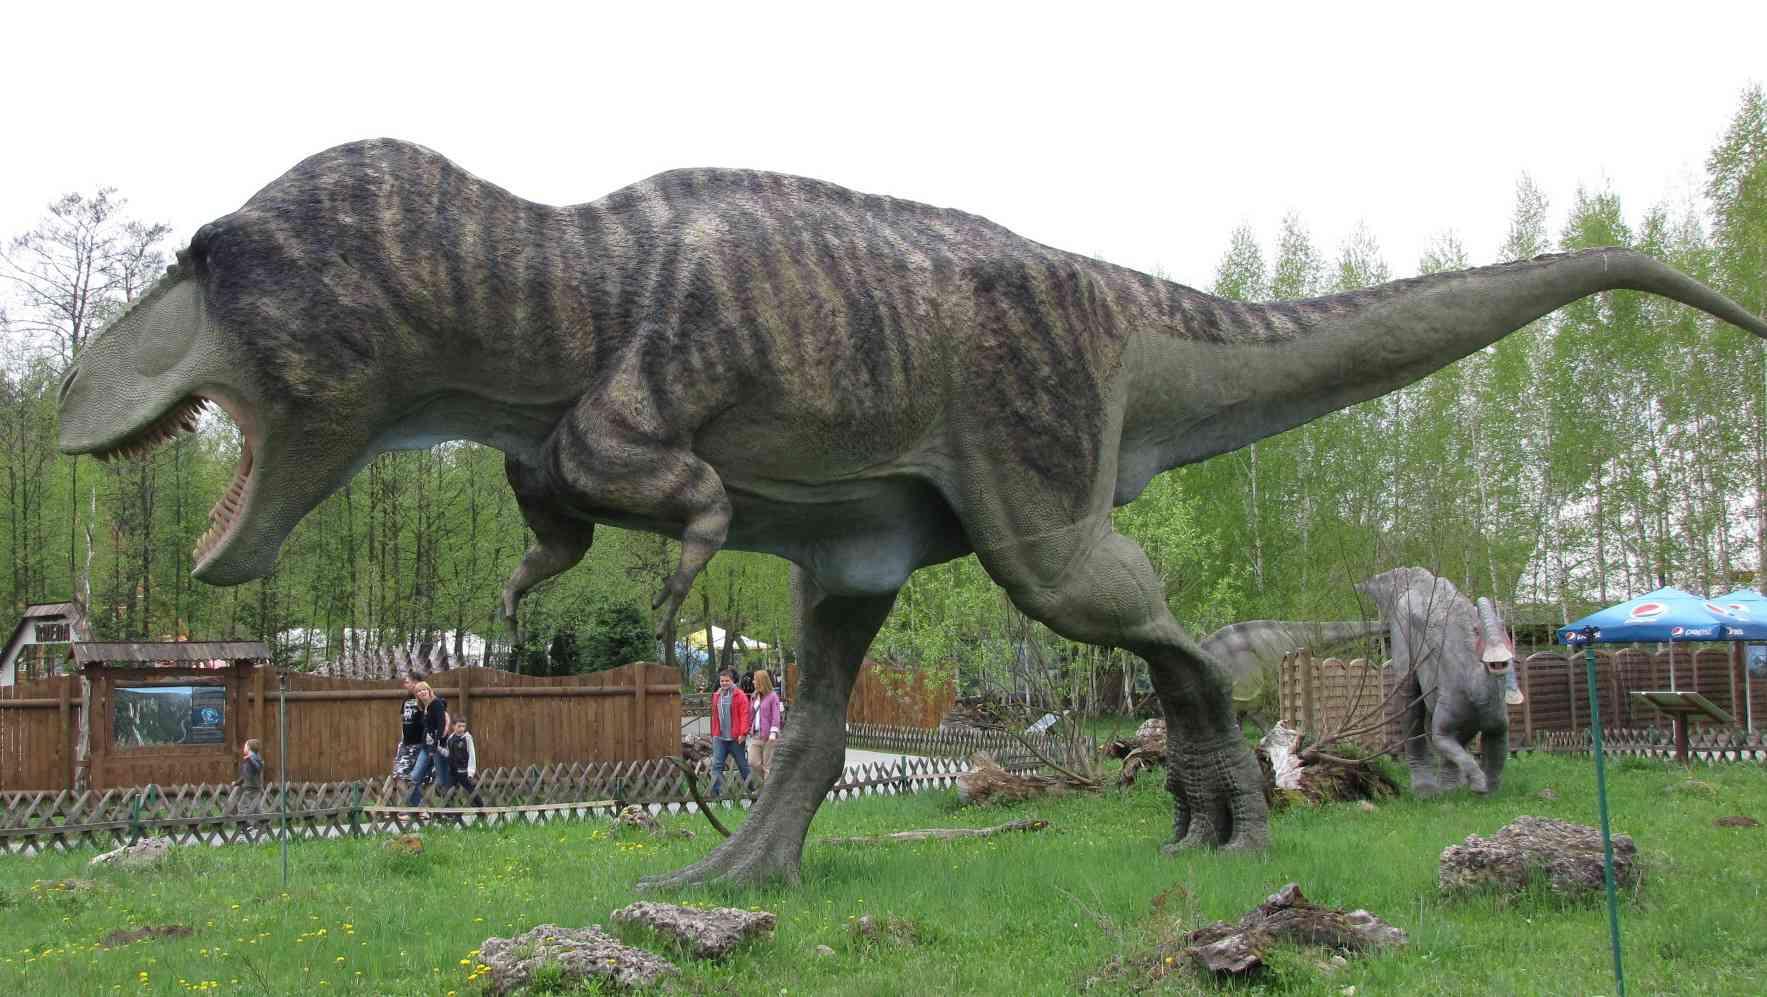 Full-size dinosaur model in Poland